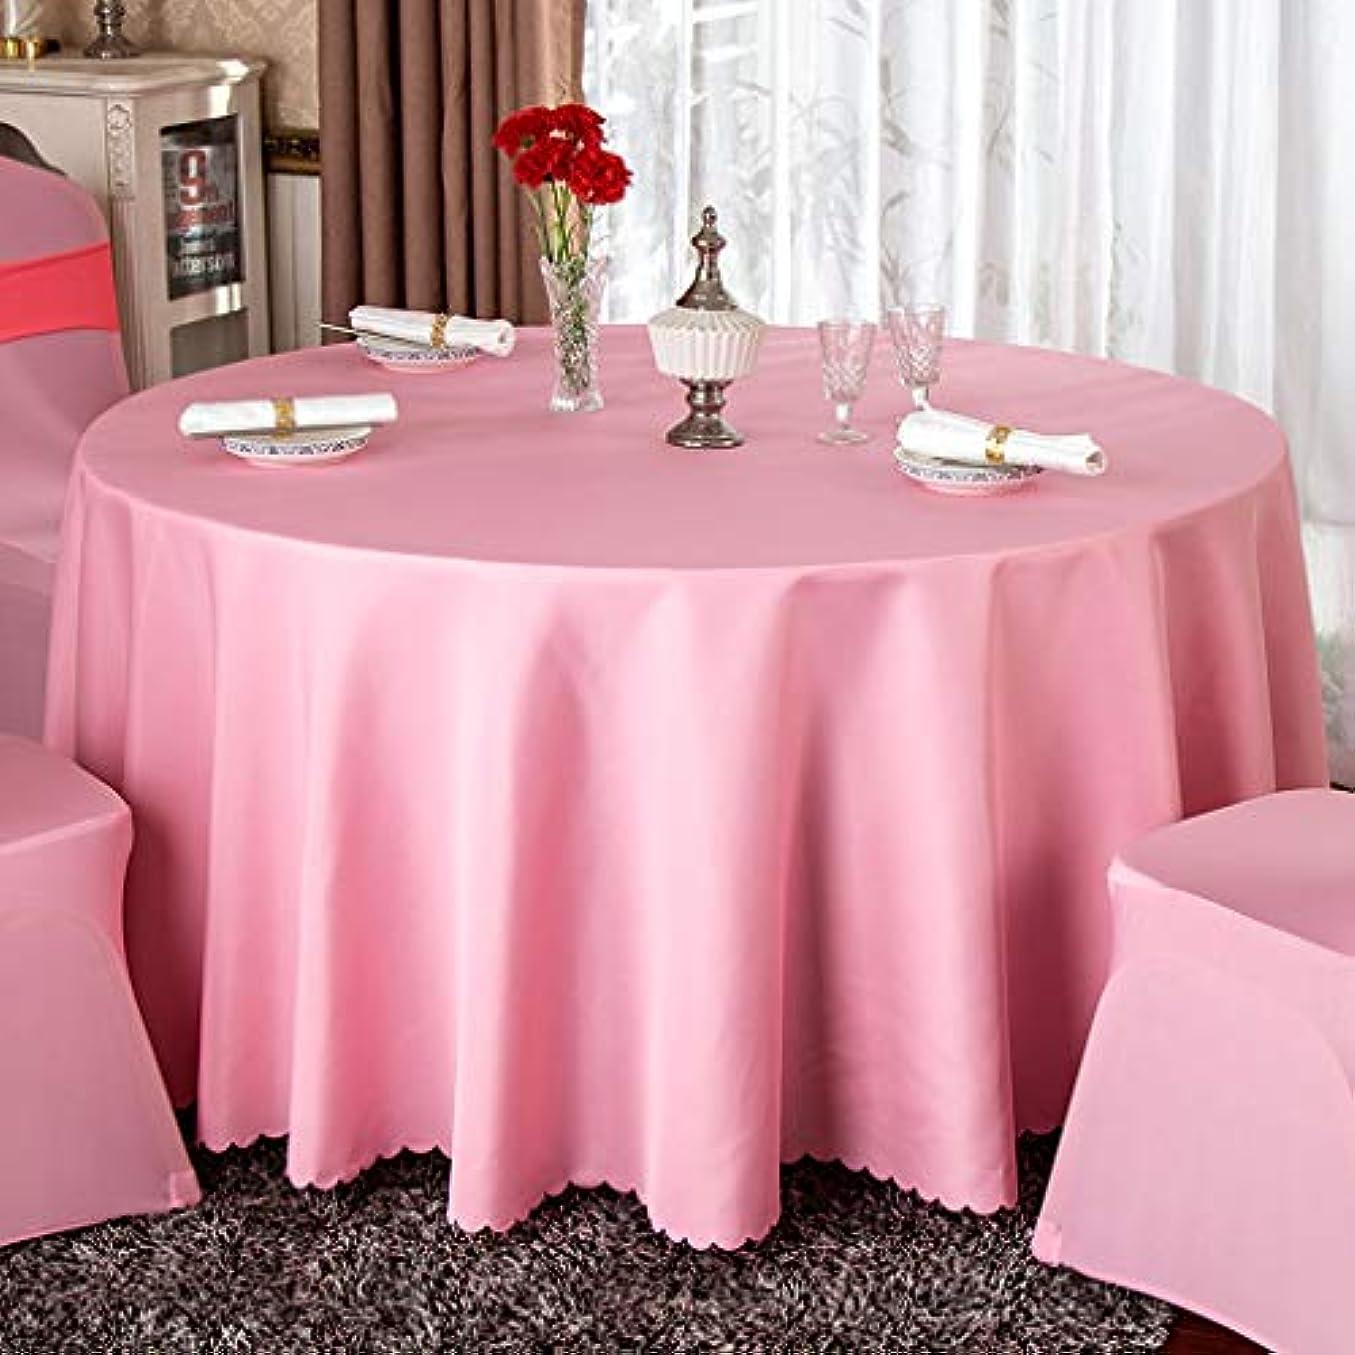 複製する窓自明HAPzfsp テーブルクロス ポリエステルテーブルクロスは円形のテーブルのためのきれいな防水円形のテーブルクロスのテーブルクロスを拭きます パティオ、キッチン、ダイニングルーム、ダイニングテーブル、ホテル (Color : Light coffee color, Size : Round 180cm)